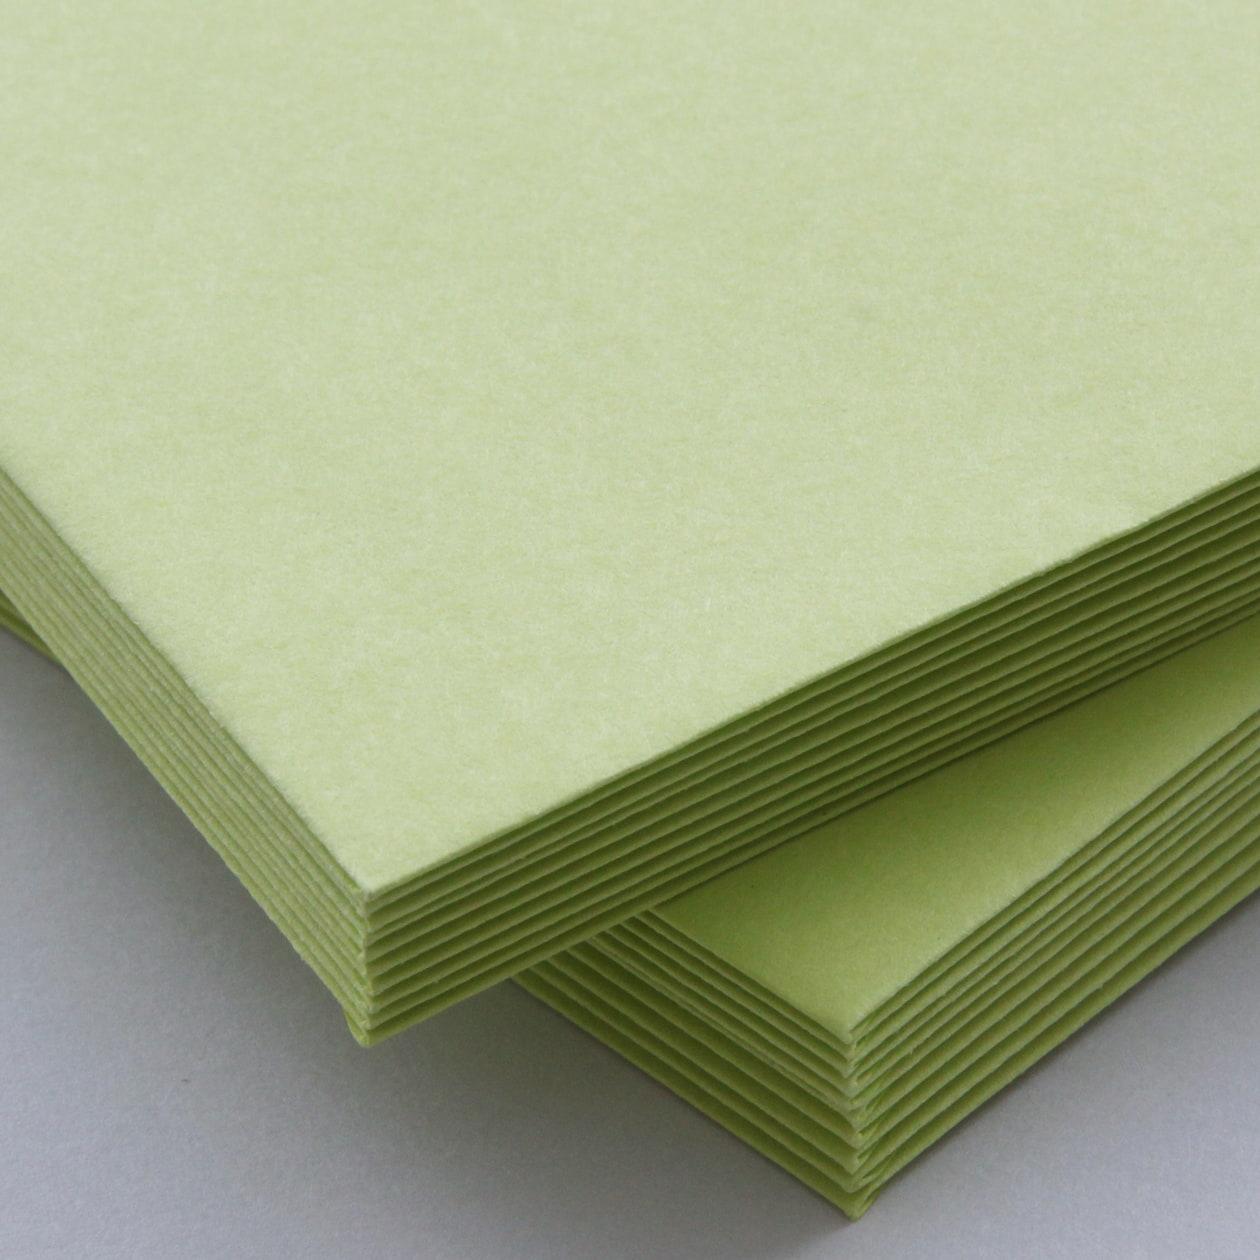 長3カマス封筒 上質カラー グリーン 90.7g